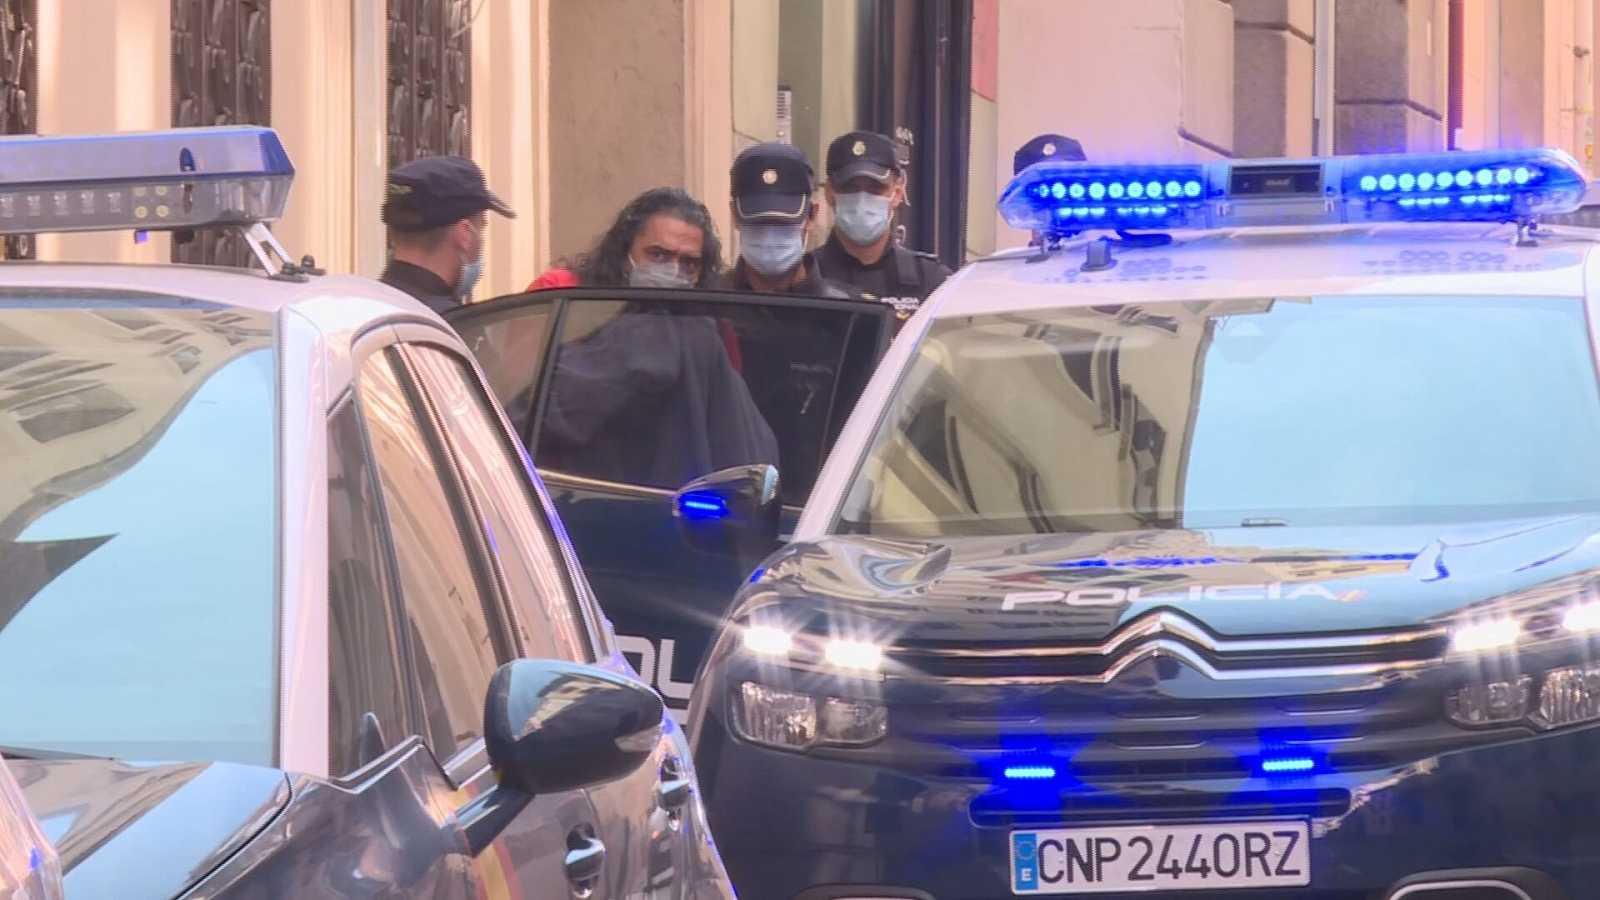 El cantaor flamenco Diego el Cigala pasa a disposición judicial tras ser detenido por un delito de violencia de género